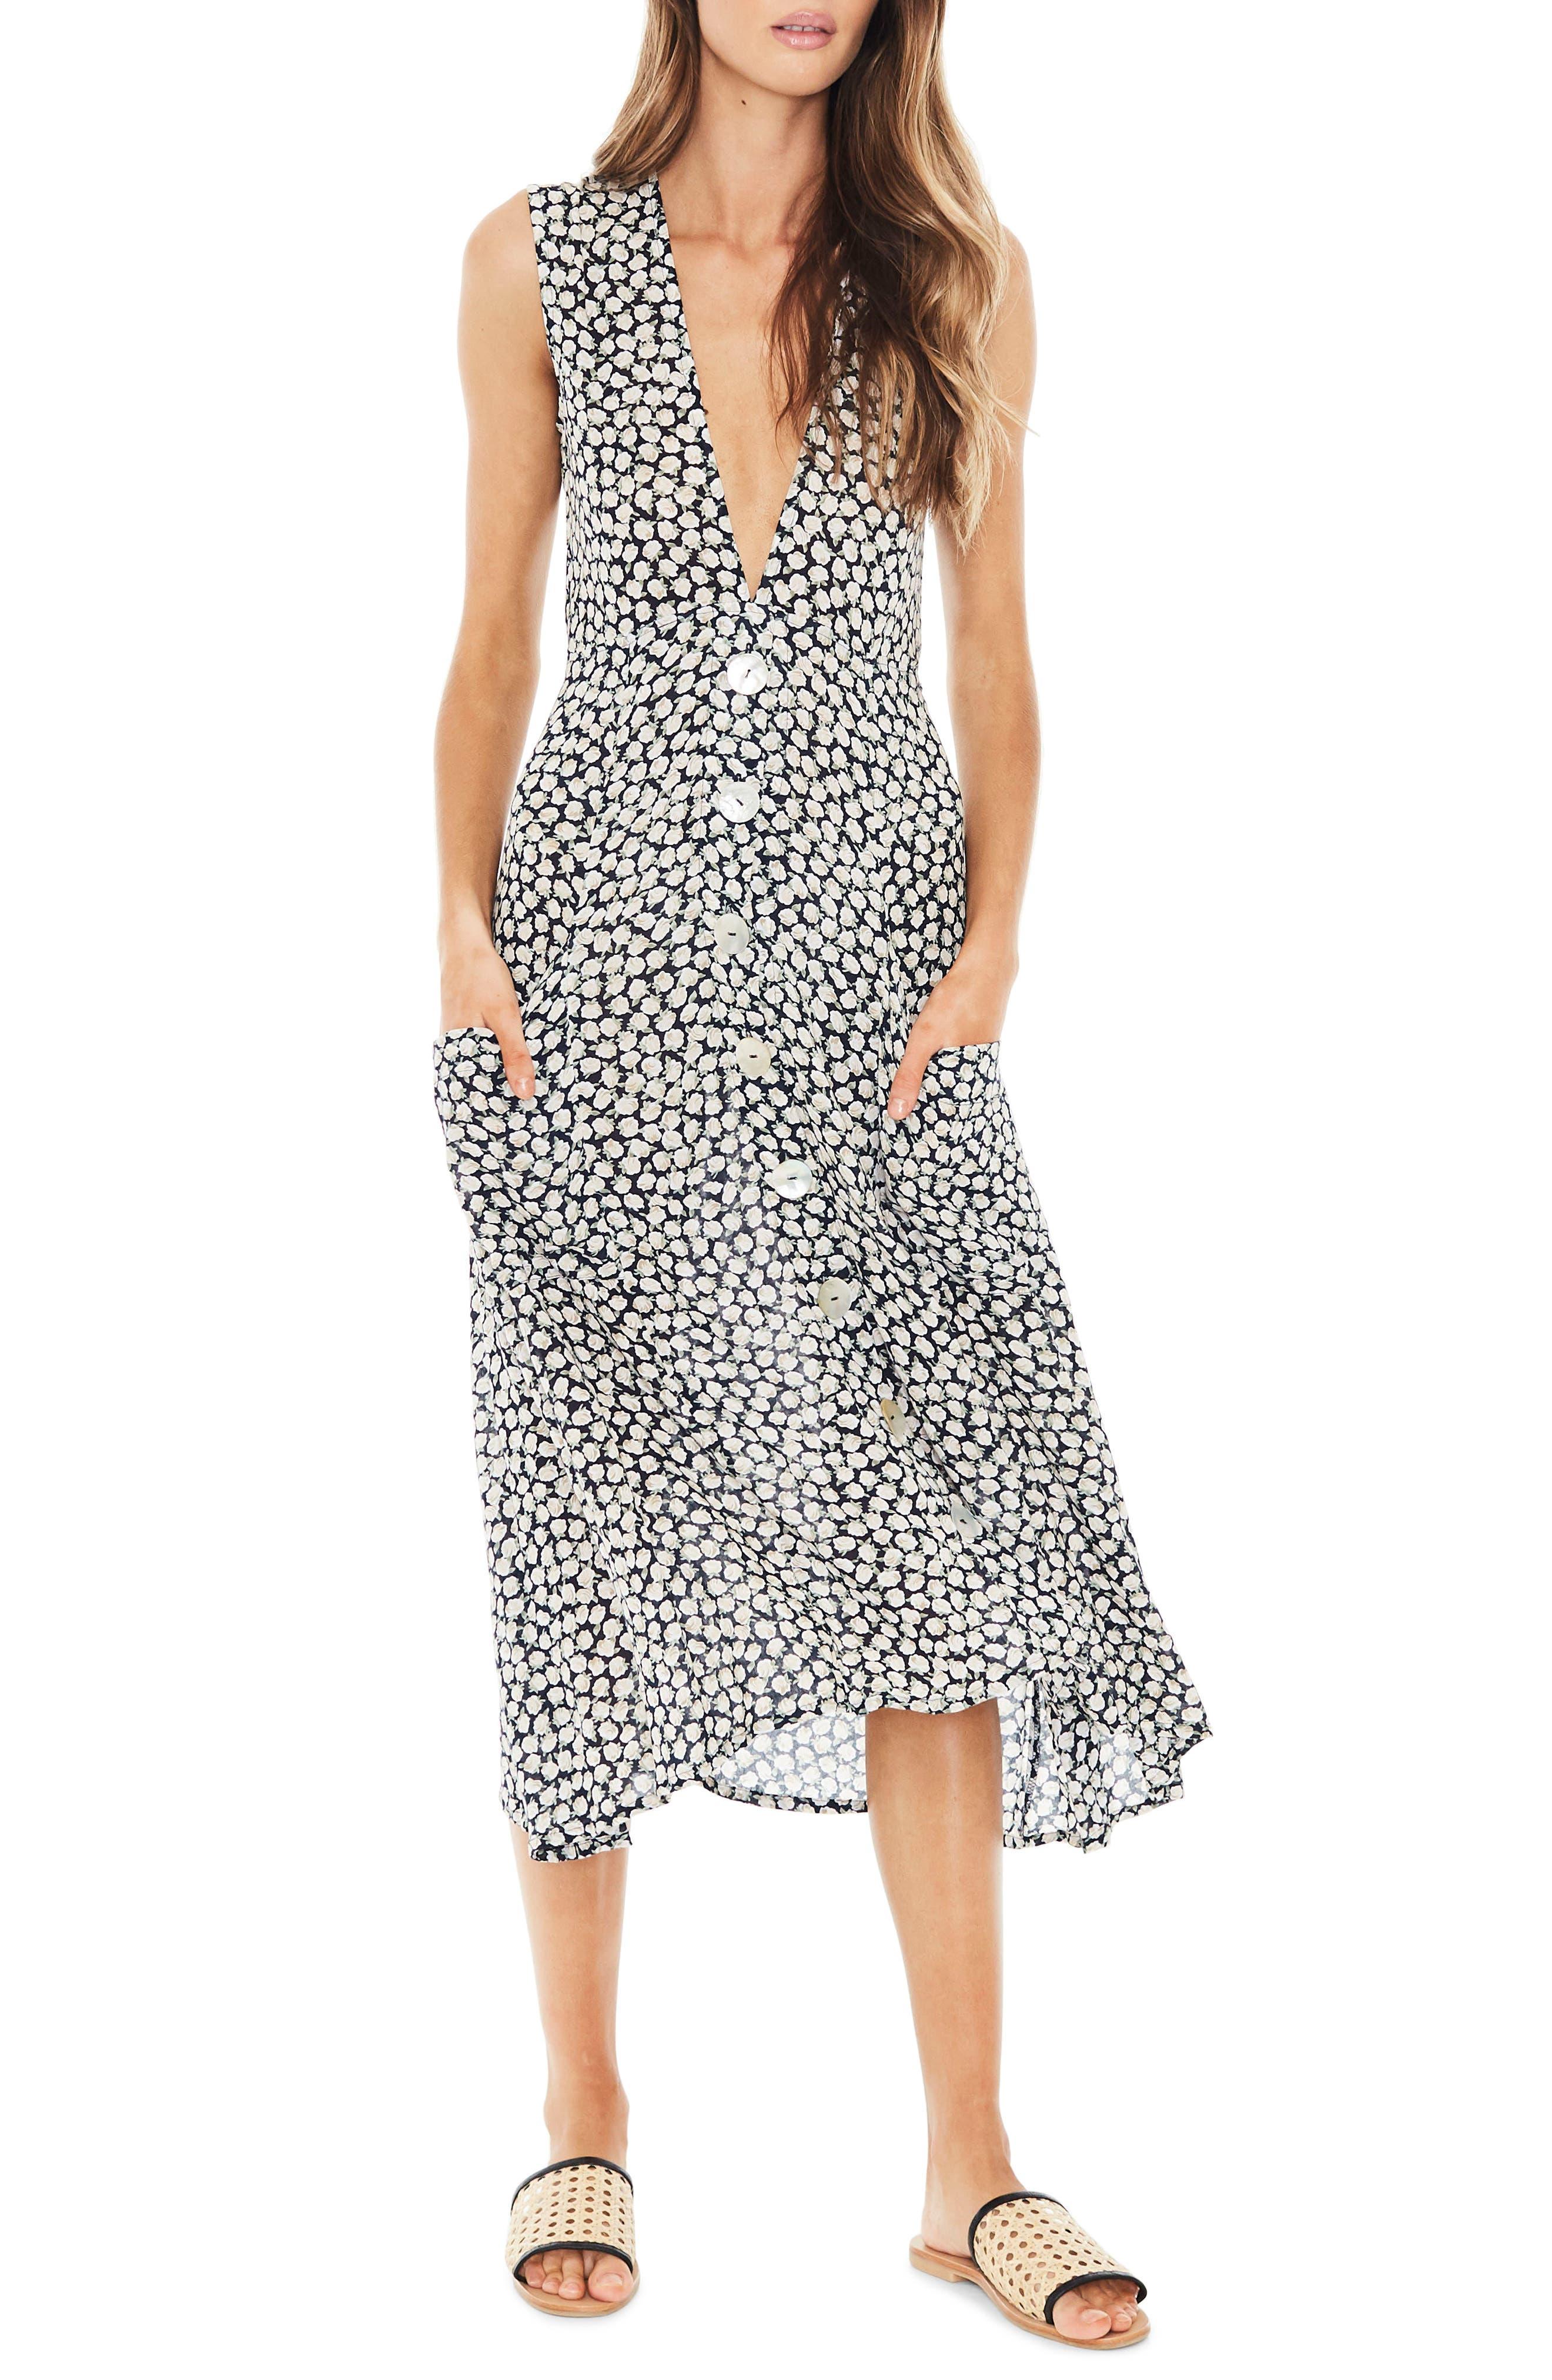 Blohm Print Midi Dress,                             Main thumbnail 1, color,                             400